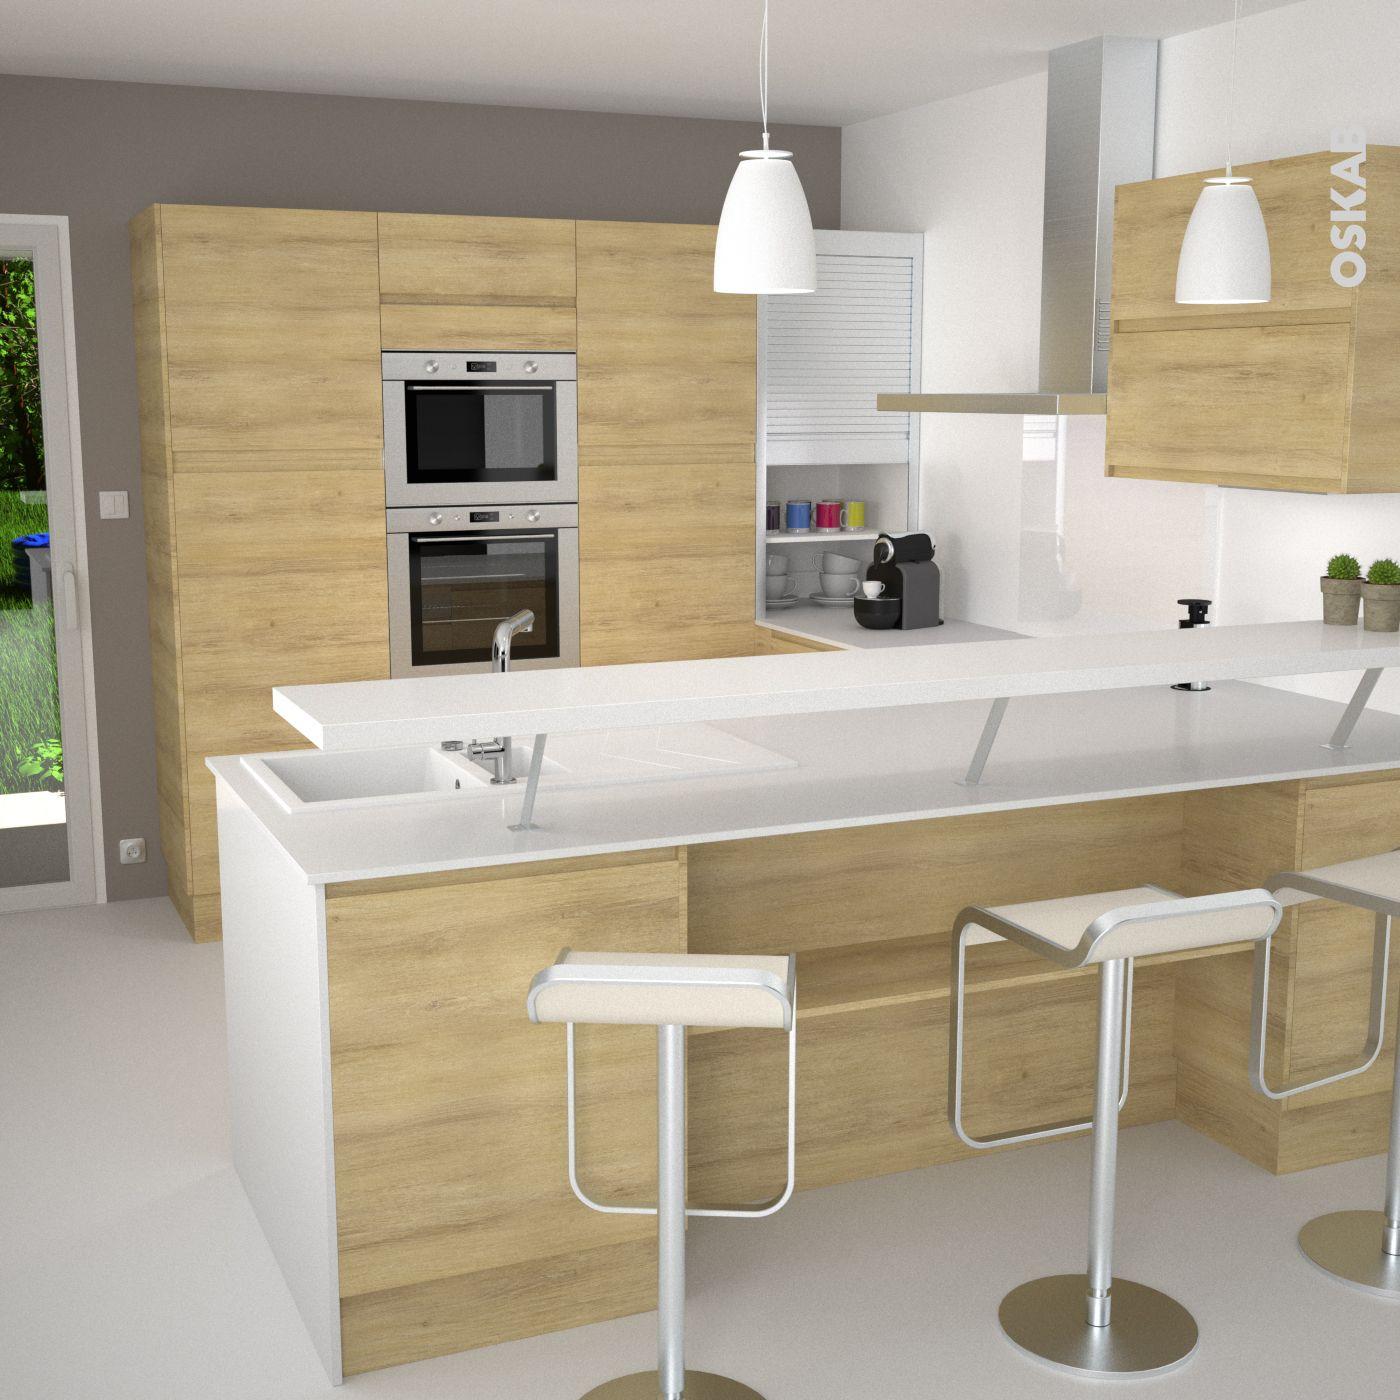 cuisine nordique blanche et bois pur e mod le design sans poign e implantation en u avec plan. Black Bedroom Furniture Sets. Home Design Ideas